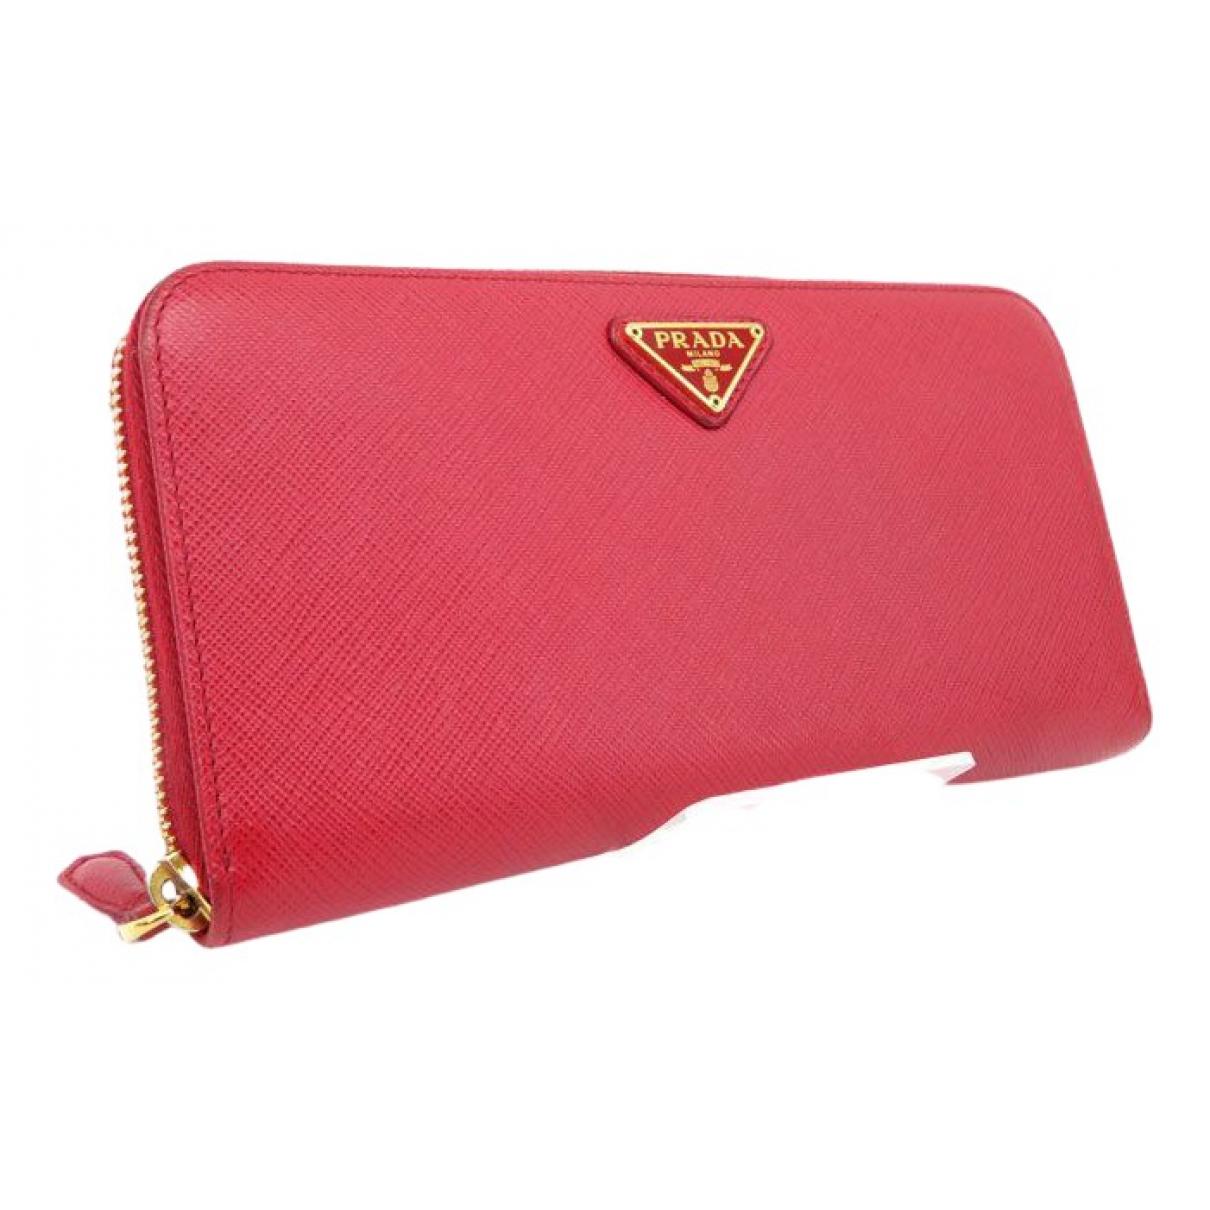 Prada \N Red Leather wallet for Women \N